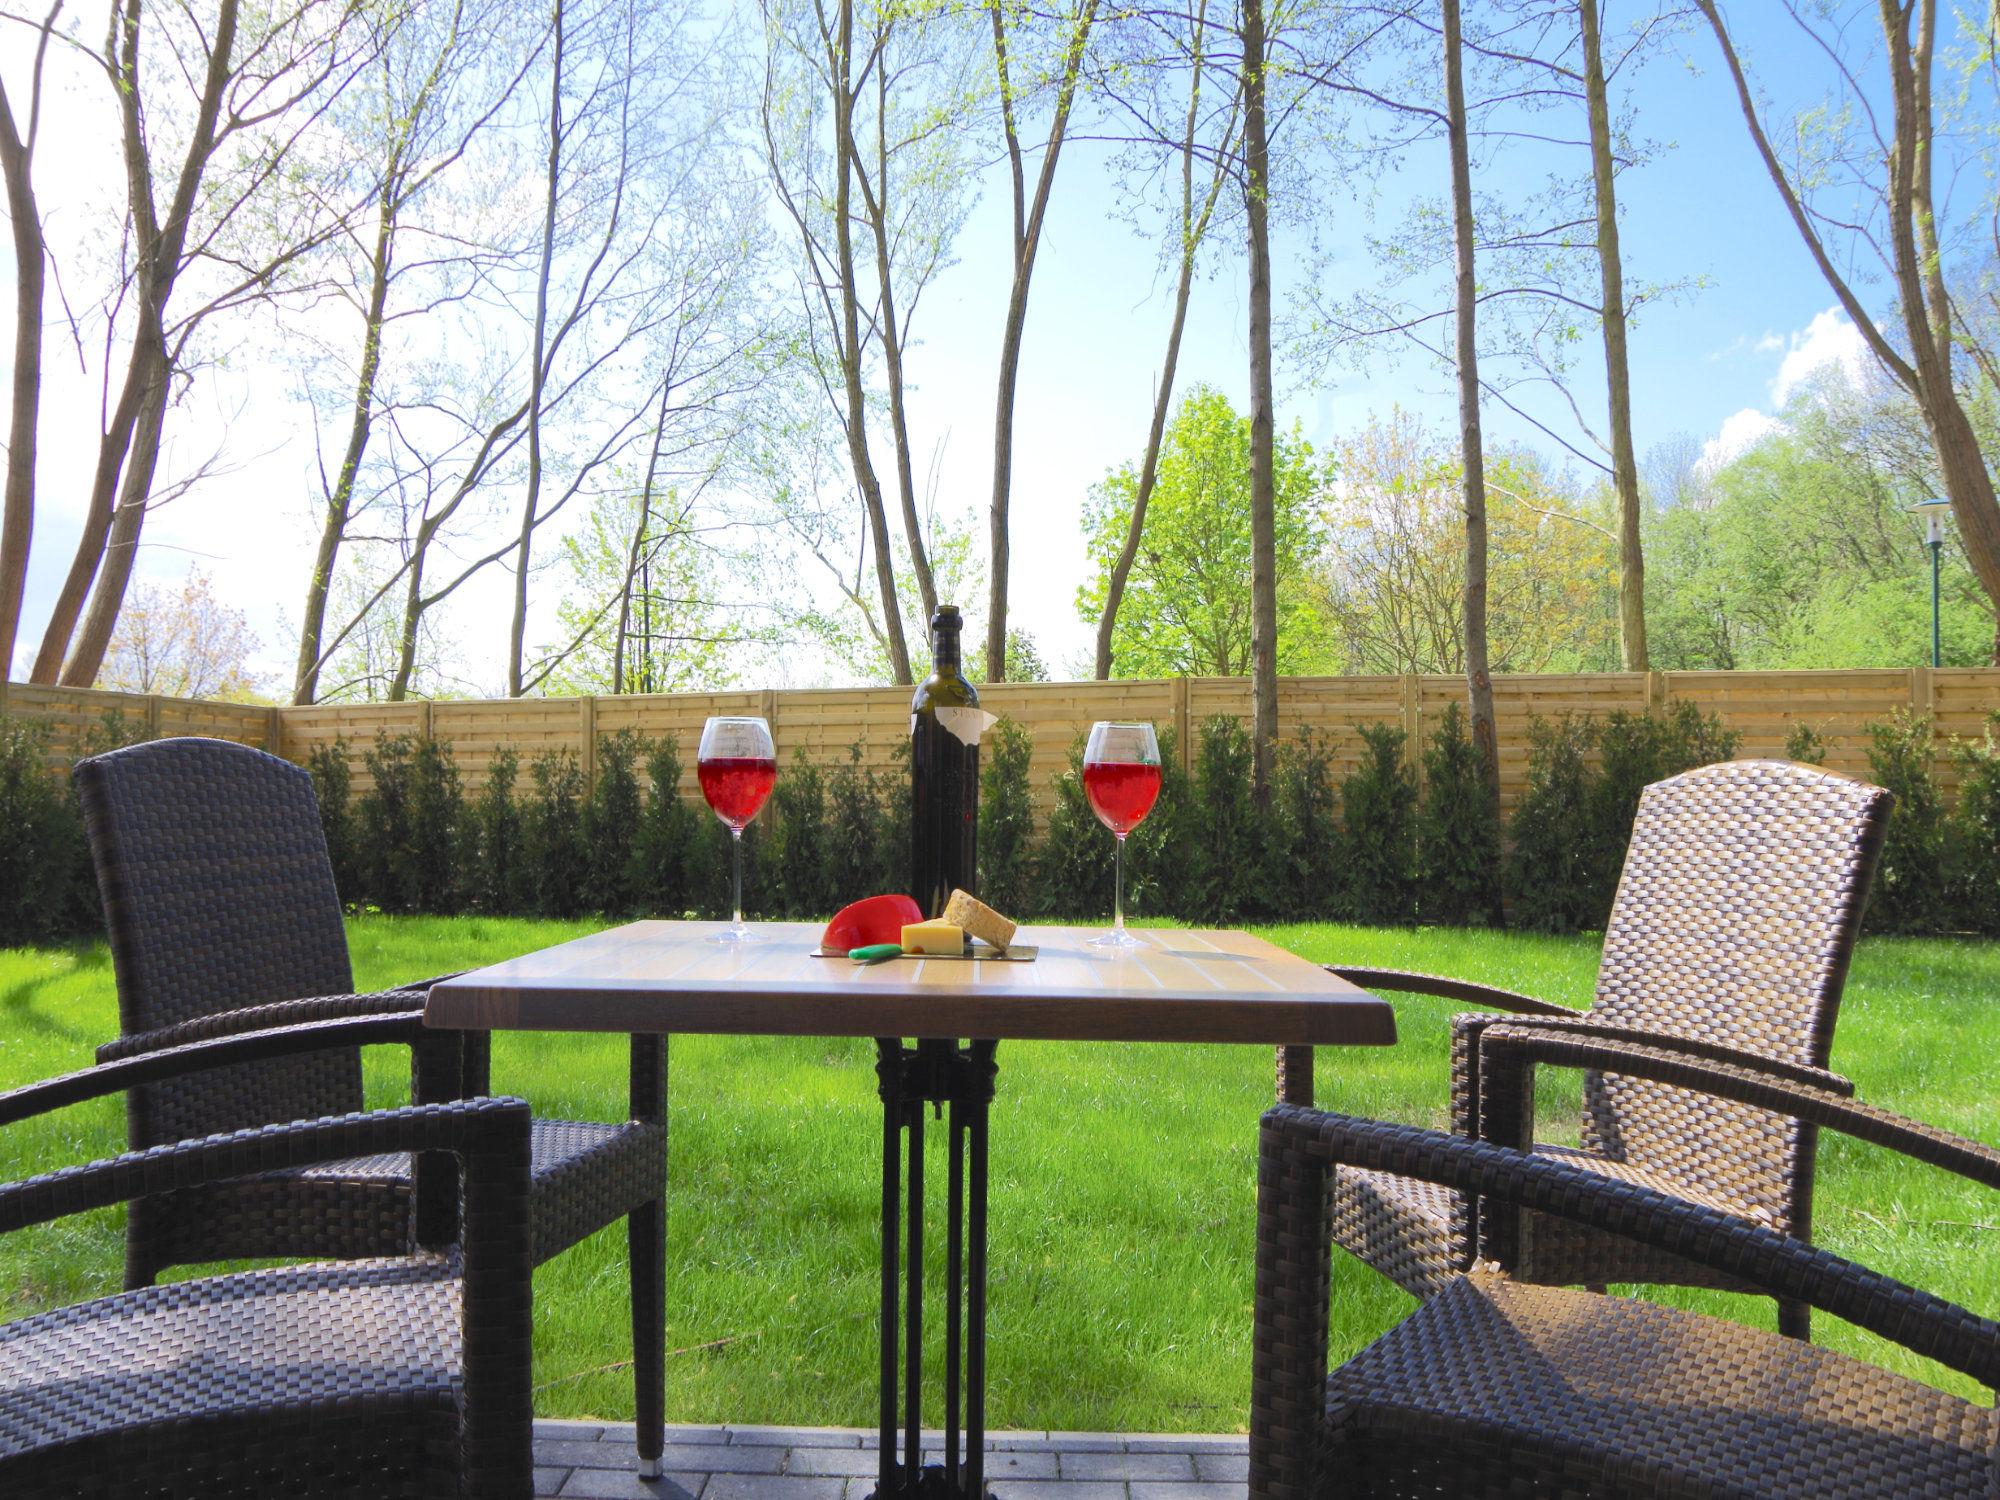 Blick in den Garten mit Rasen, Bäumen im Hintergrund und Terrassenmöbeln, bestehend aus einem Tisch und Stühlen